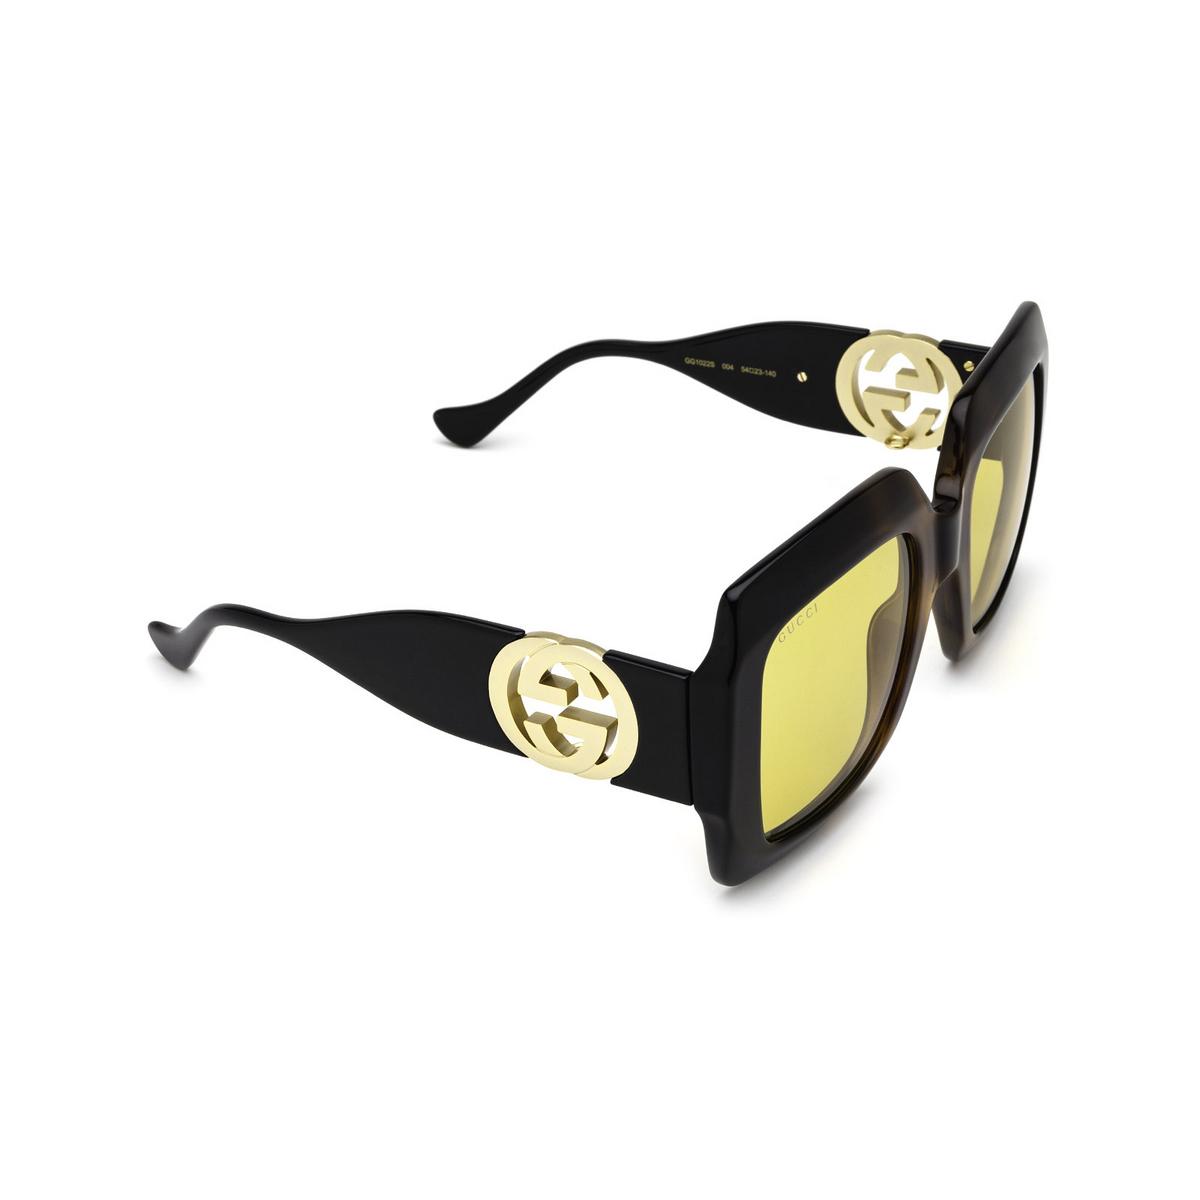 Gucci® Square Sunglasses: GG1022S color Havana & Black 004 - three-quarters view.